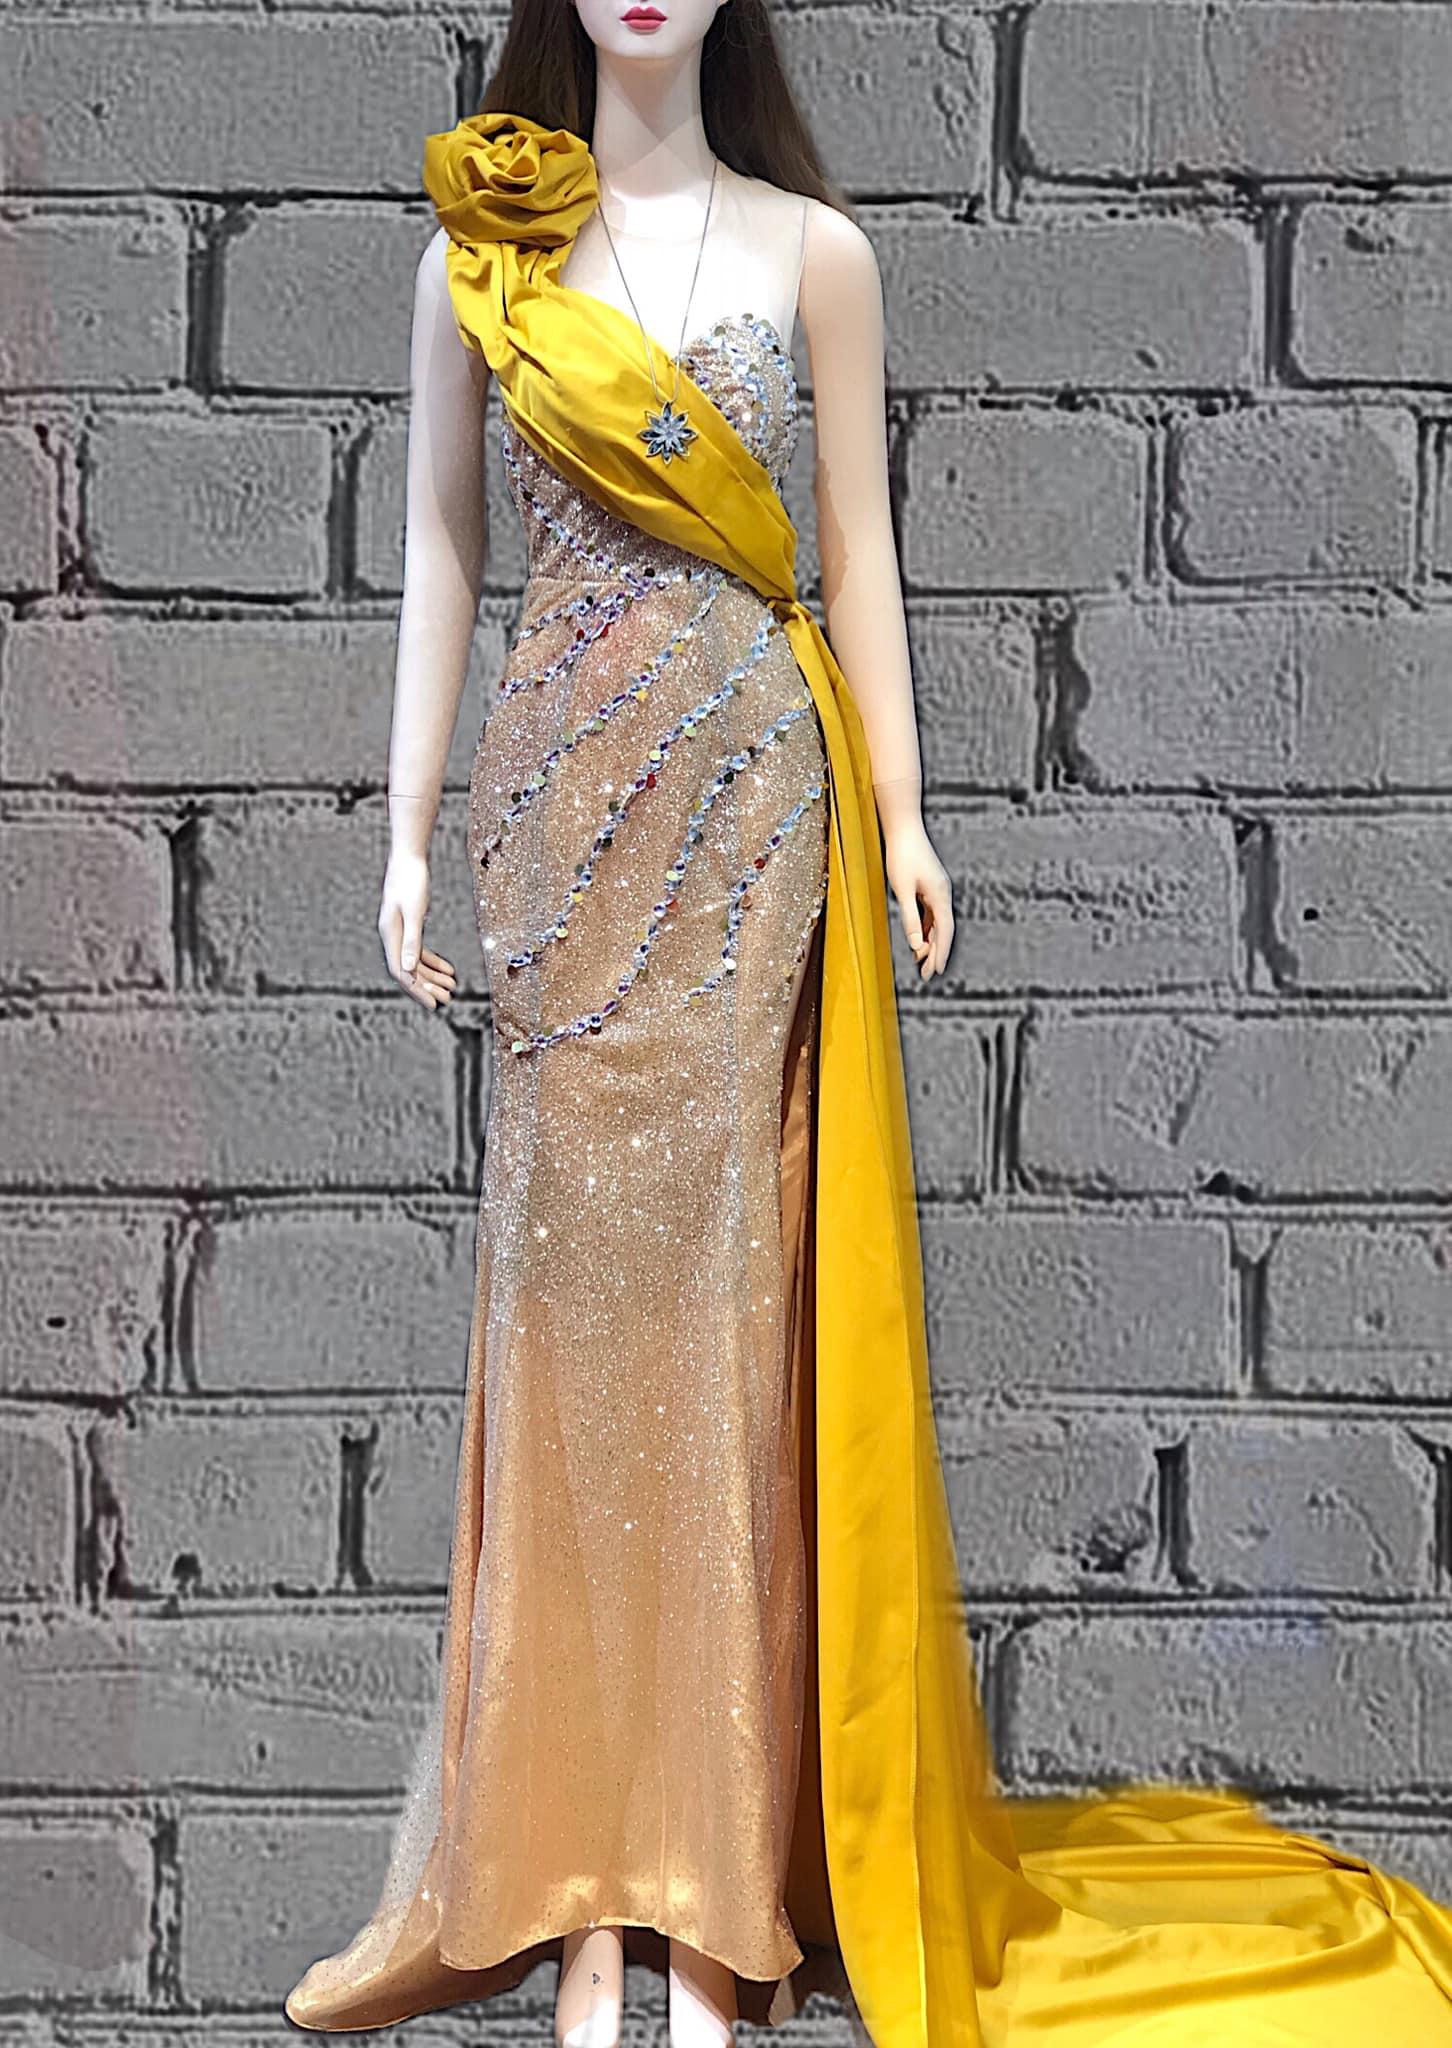 Đầm Dạ Hội MiaSelena thiết kế sang trọng trẻ trung